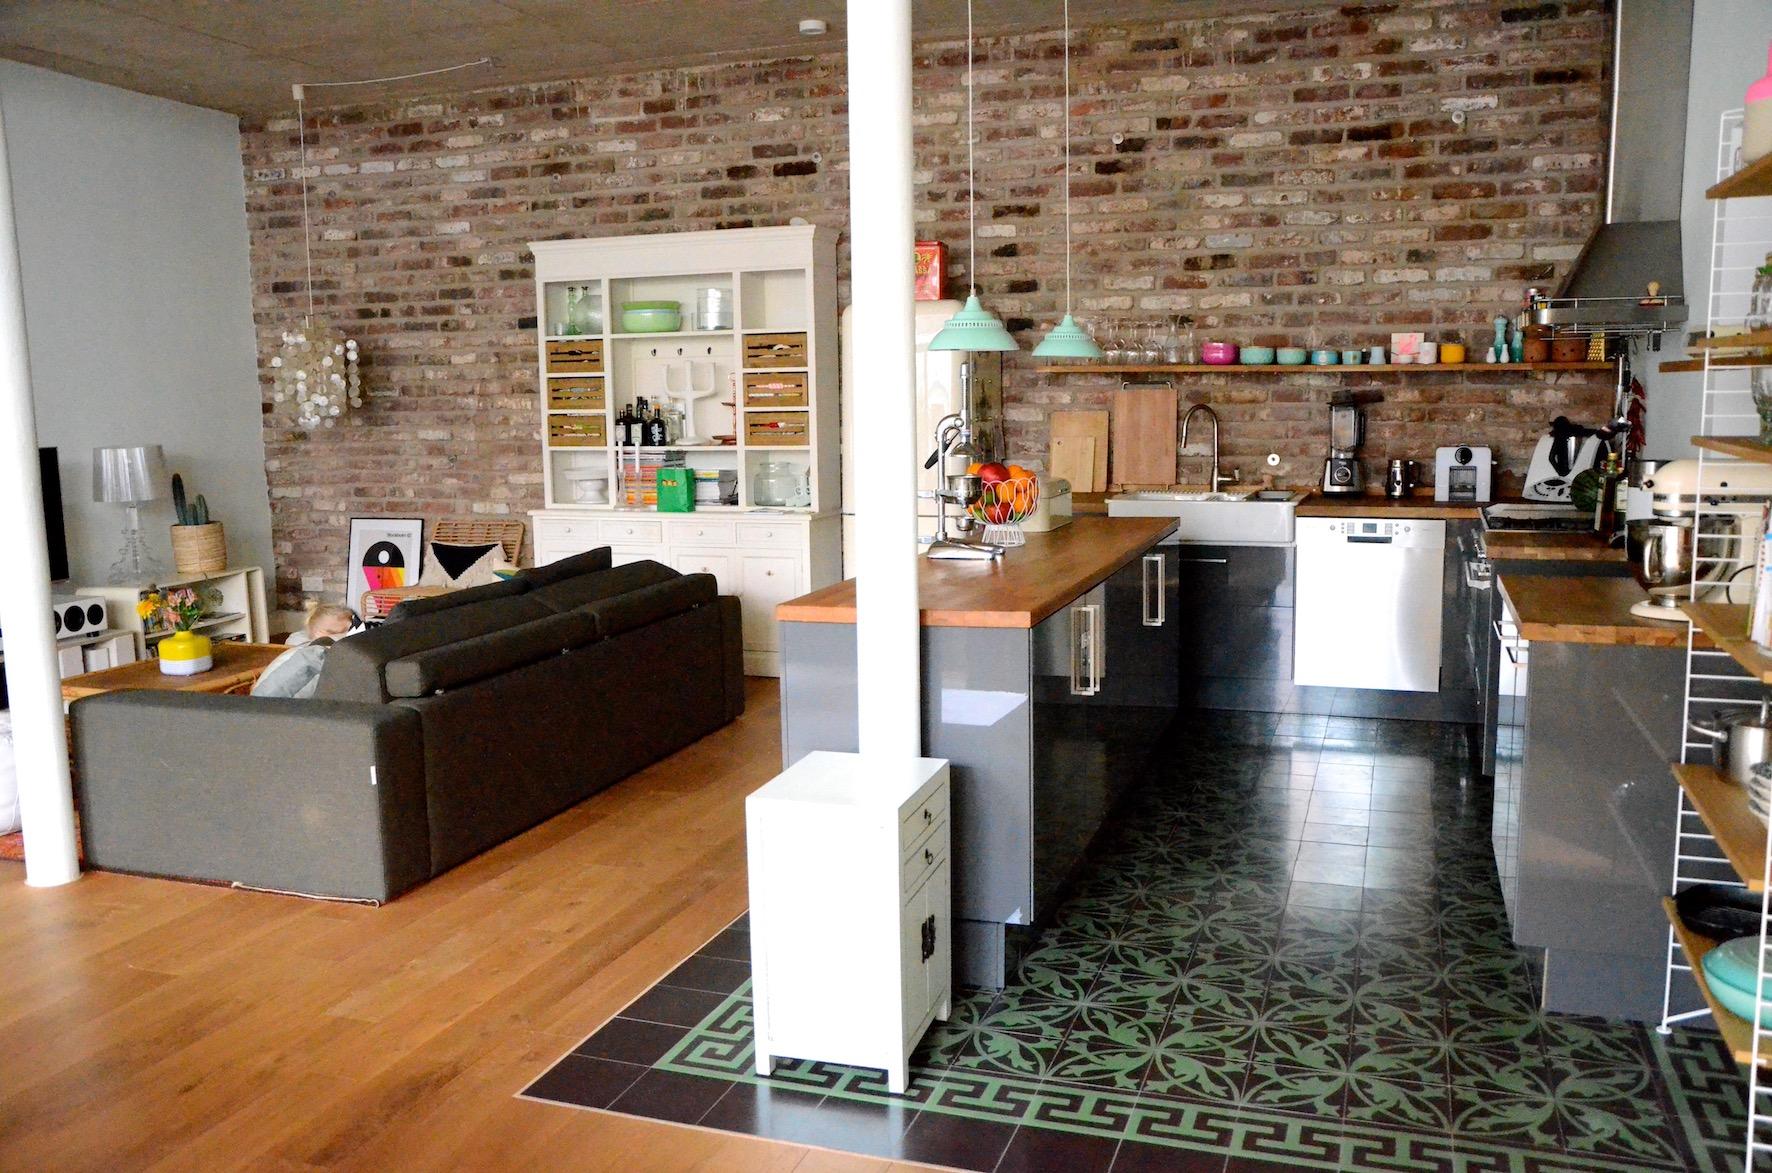 Full Size of Offene Küche Ikea Projekt Loftausbau Wie Man Eine Kche Perfekt Ins Grillplatte Sofa Mit Schlaffunktion Ohne Geräte E Geräten Günstig Komplettküche Wohnzimmer Offene Küche Ikea